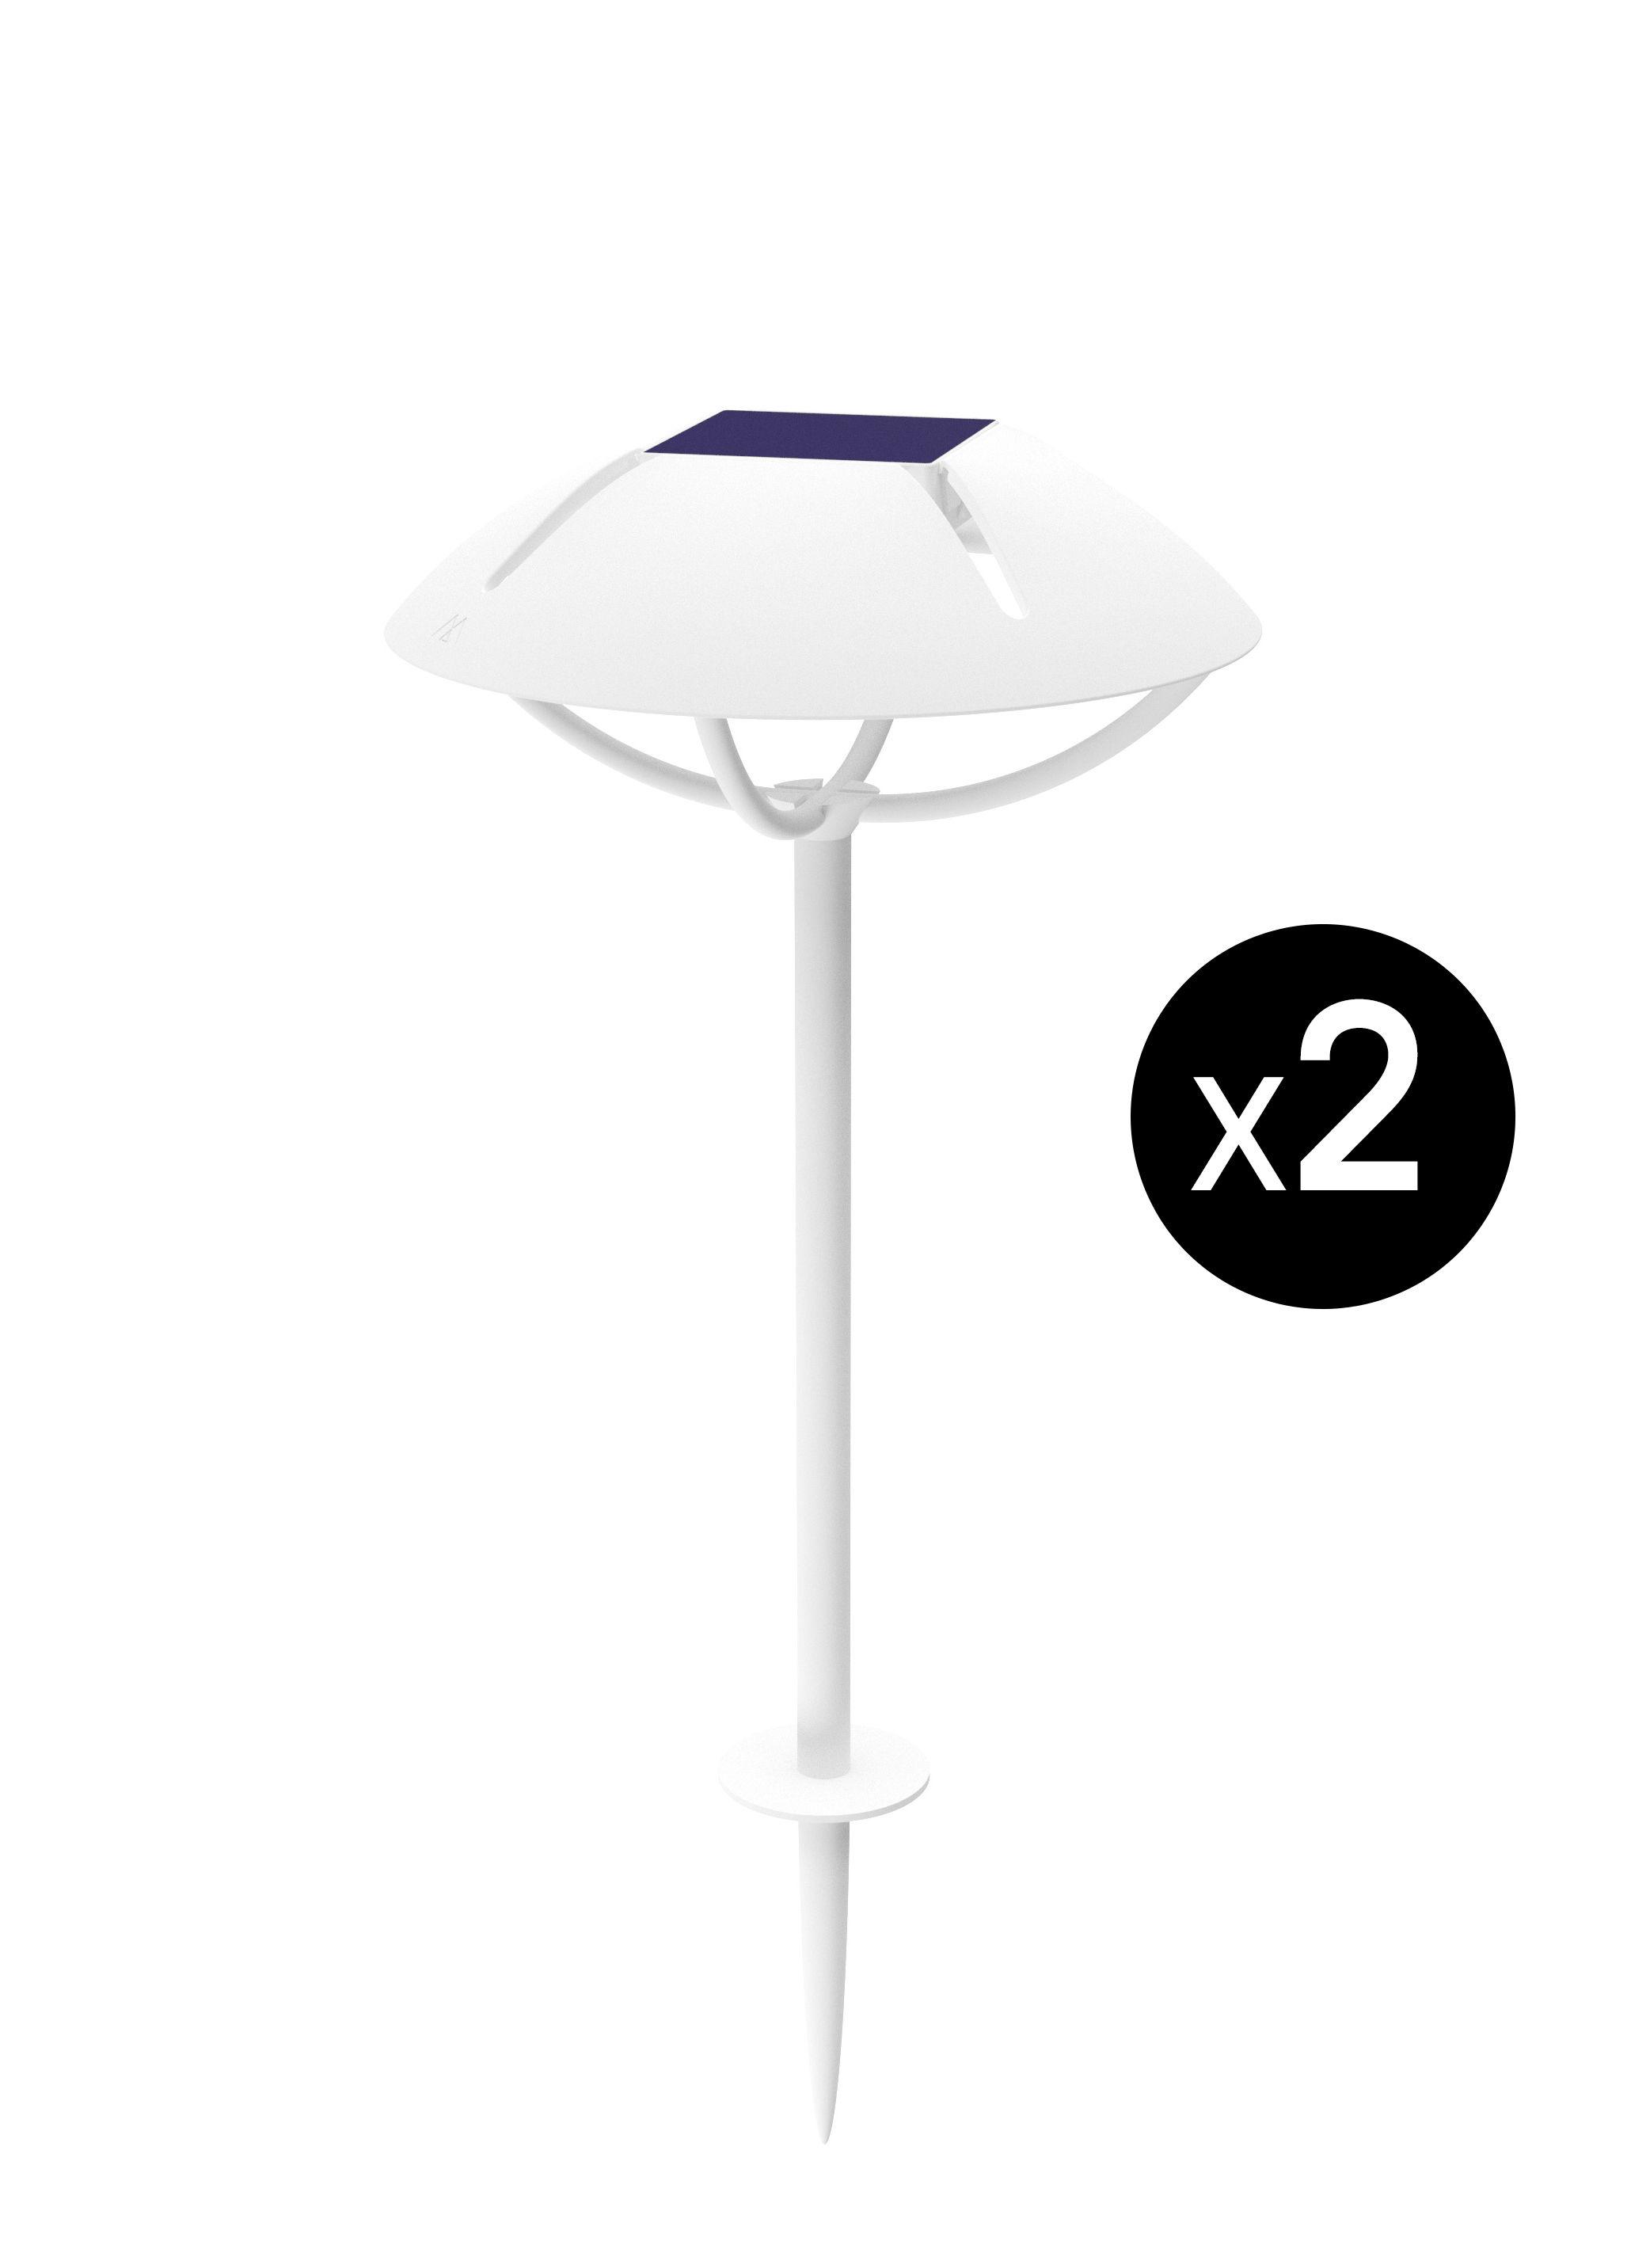 Leuchten - Außenleuchten - Parabole LED Solarlampe / zum Einstecken in die Erde / 2er-Set - Maiori - Weiß - lackiertes Aluminium